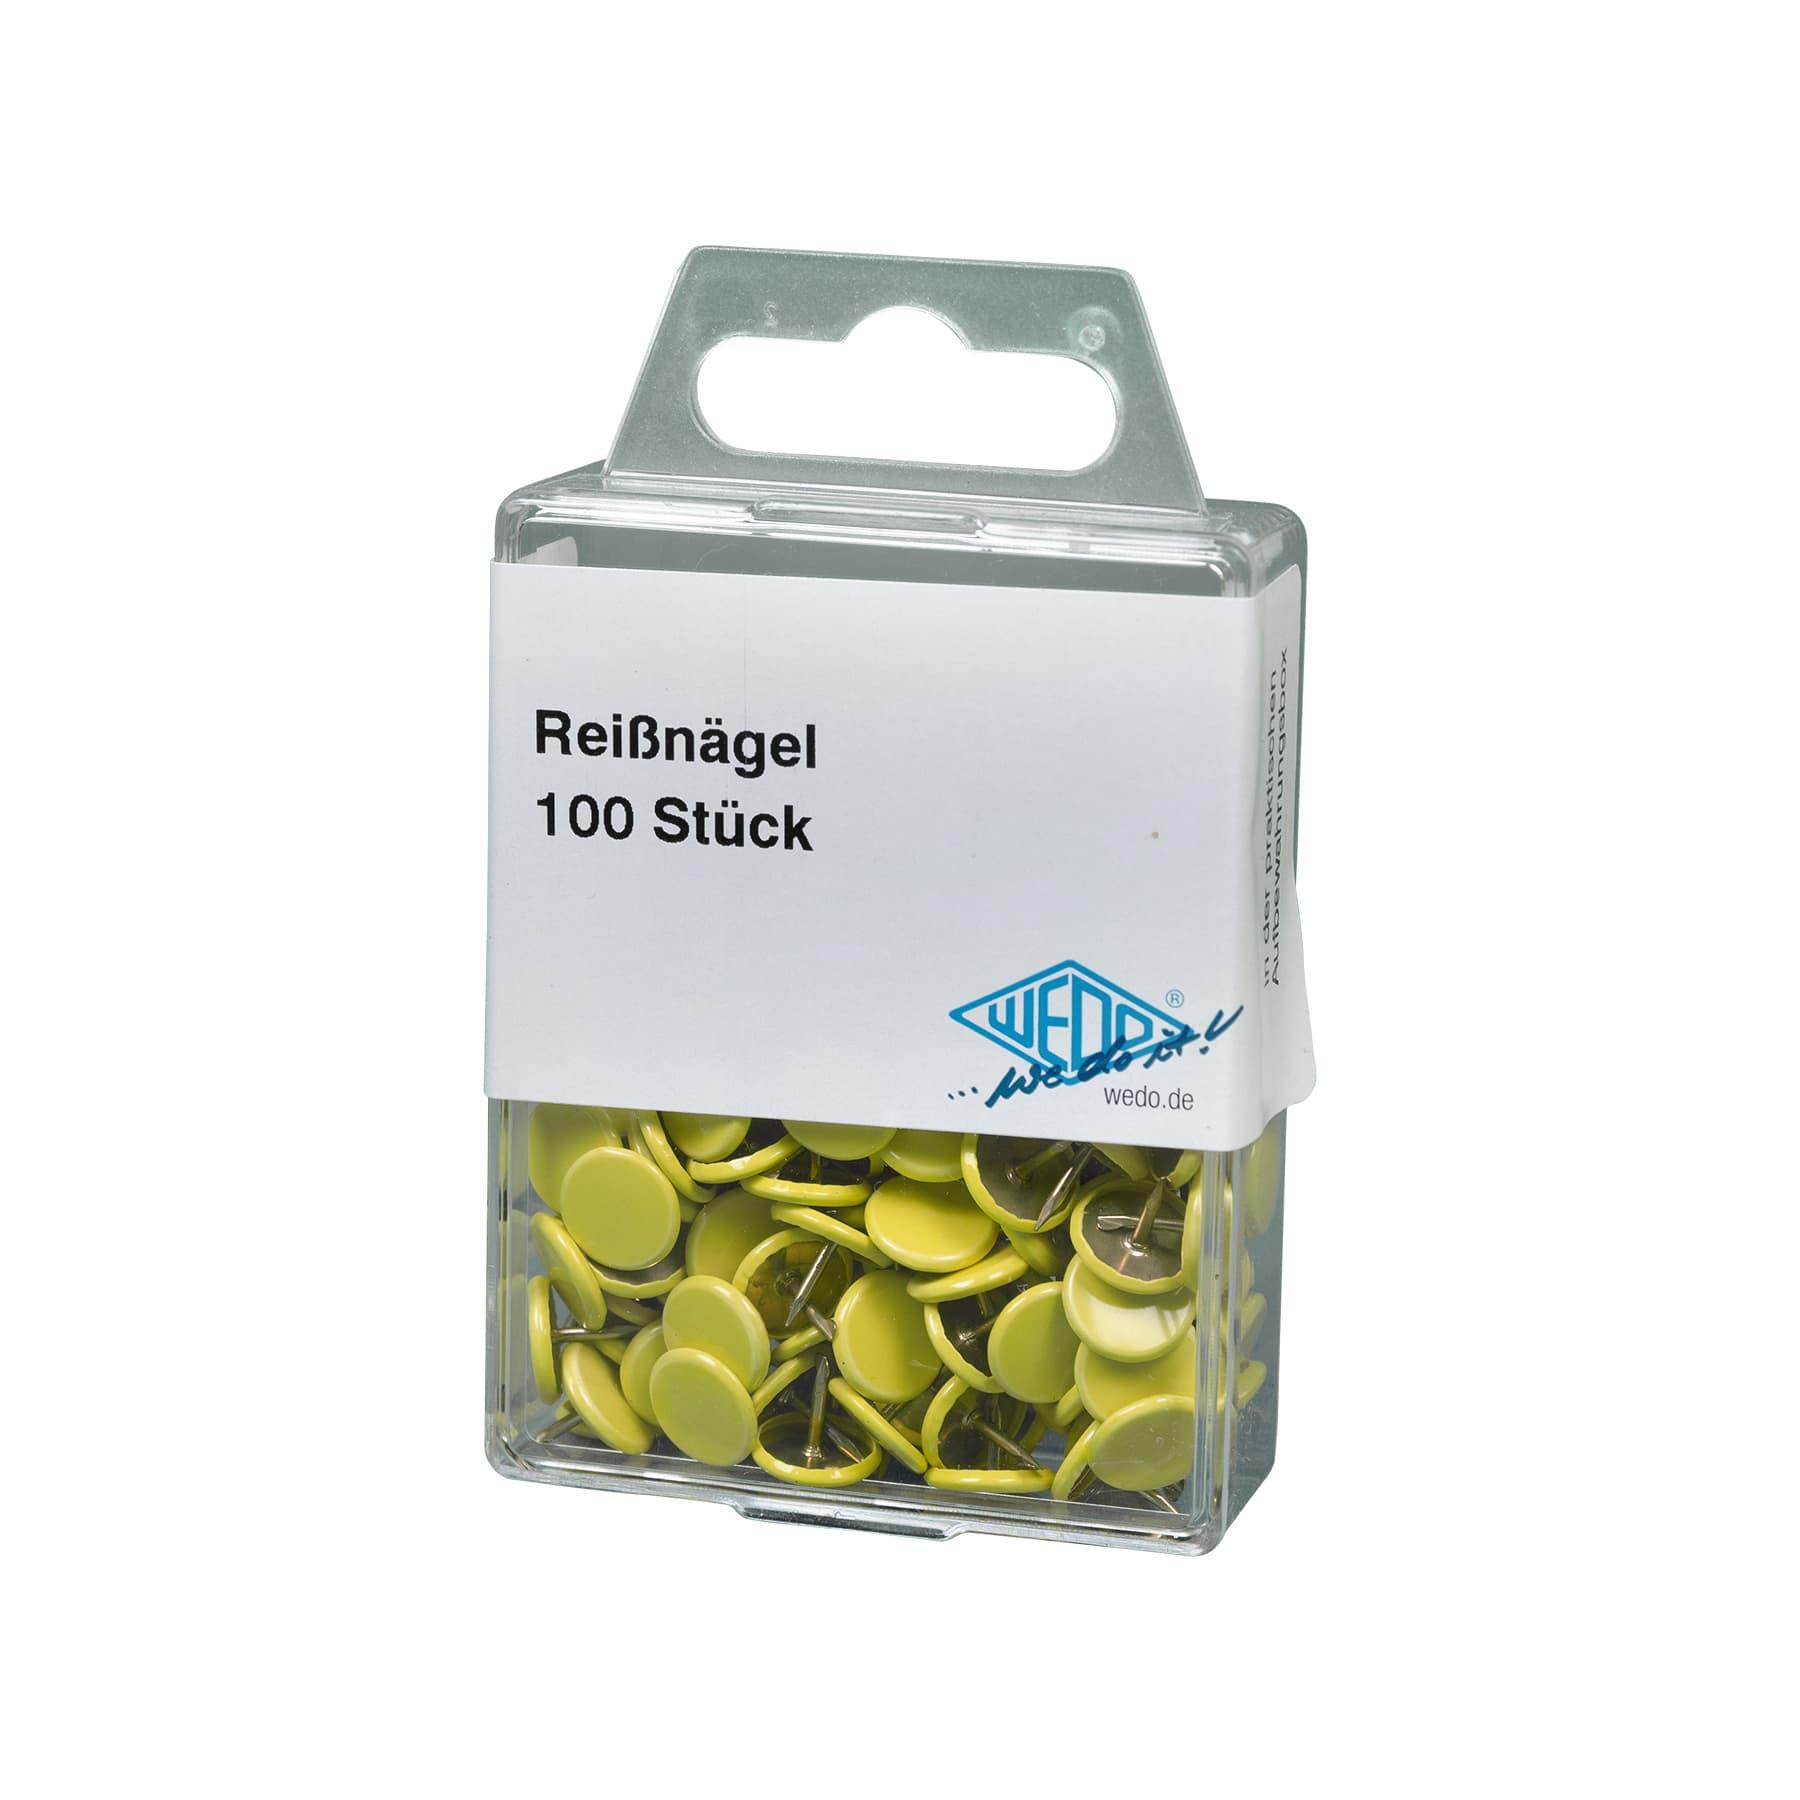 Reißnägel (Heftzwecke) 100 St. Farbe gelb